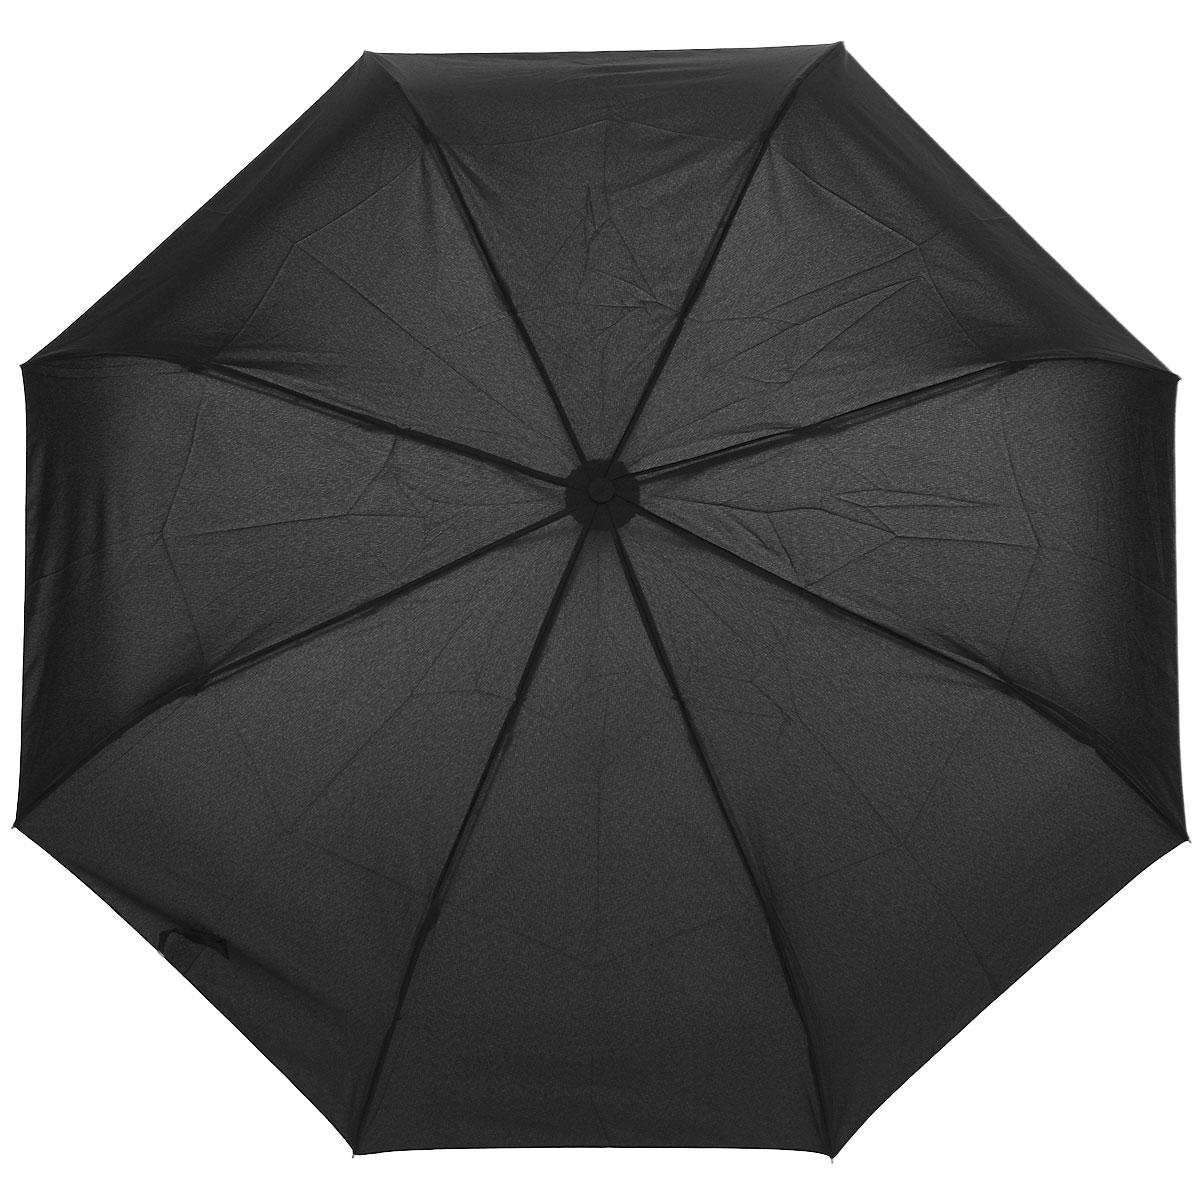 """Зонт мужской Airton, полуавтомат, 3 сложения, цвет: черный. 36403640Полуавтоматический зонт Airton в 3 сложения даже в ненастную погоду позволит вам оставаться стильным. Детали каркаса изготовлены из высокопрочных материалов, специальная система """"Windproof"""" защищает его от поломок. Зонт оснащен 8 спицами, выполненными из металла. Ручка закругленной формы, выполненная из пластика, разработана с учетом требований эргономики. Используемые высококачественные красители, а также покрытие """"Teflon"""" обеспечивают длительное сохранение свойств ткани купола зонта. Купол выполнен из полиэстера черного цвета. Зонт имеет полуавтоматический механизм сложения: купол открывается нажатием кнопки на рукоятке; складывается зонт вручную до характерного щелчка. К зонту прилагается чехол."""